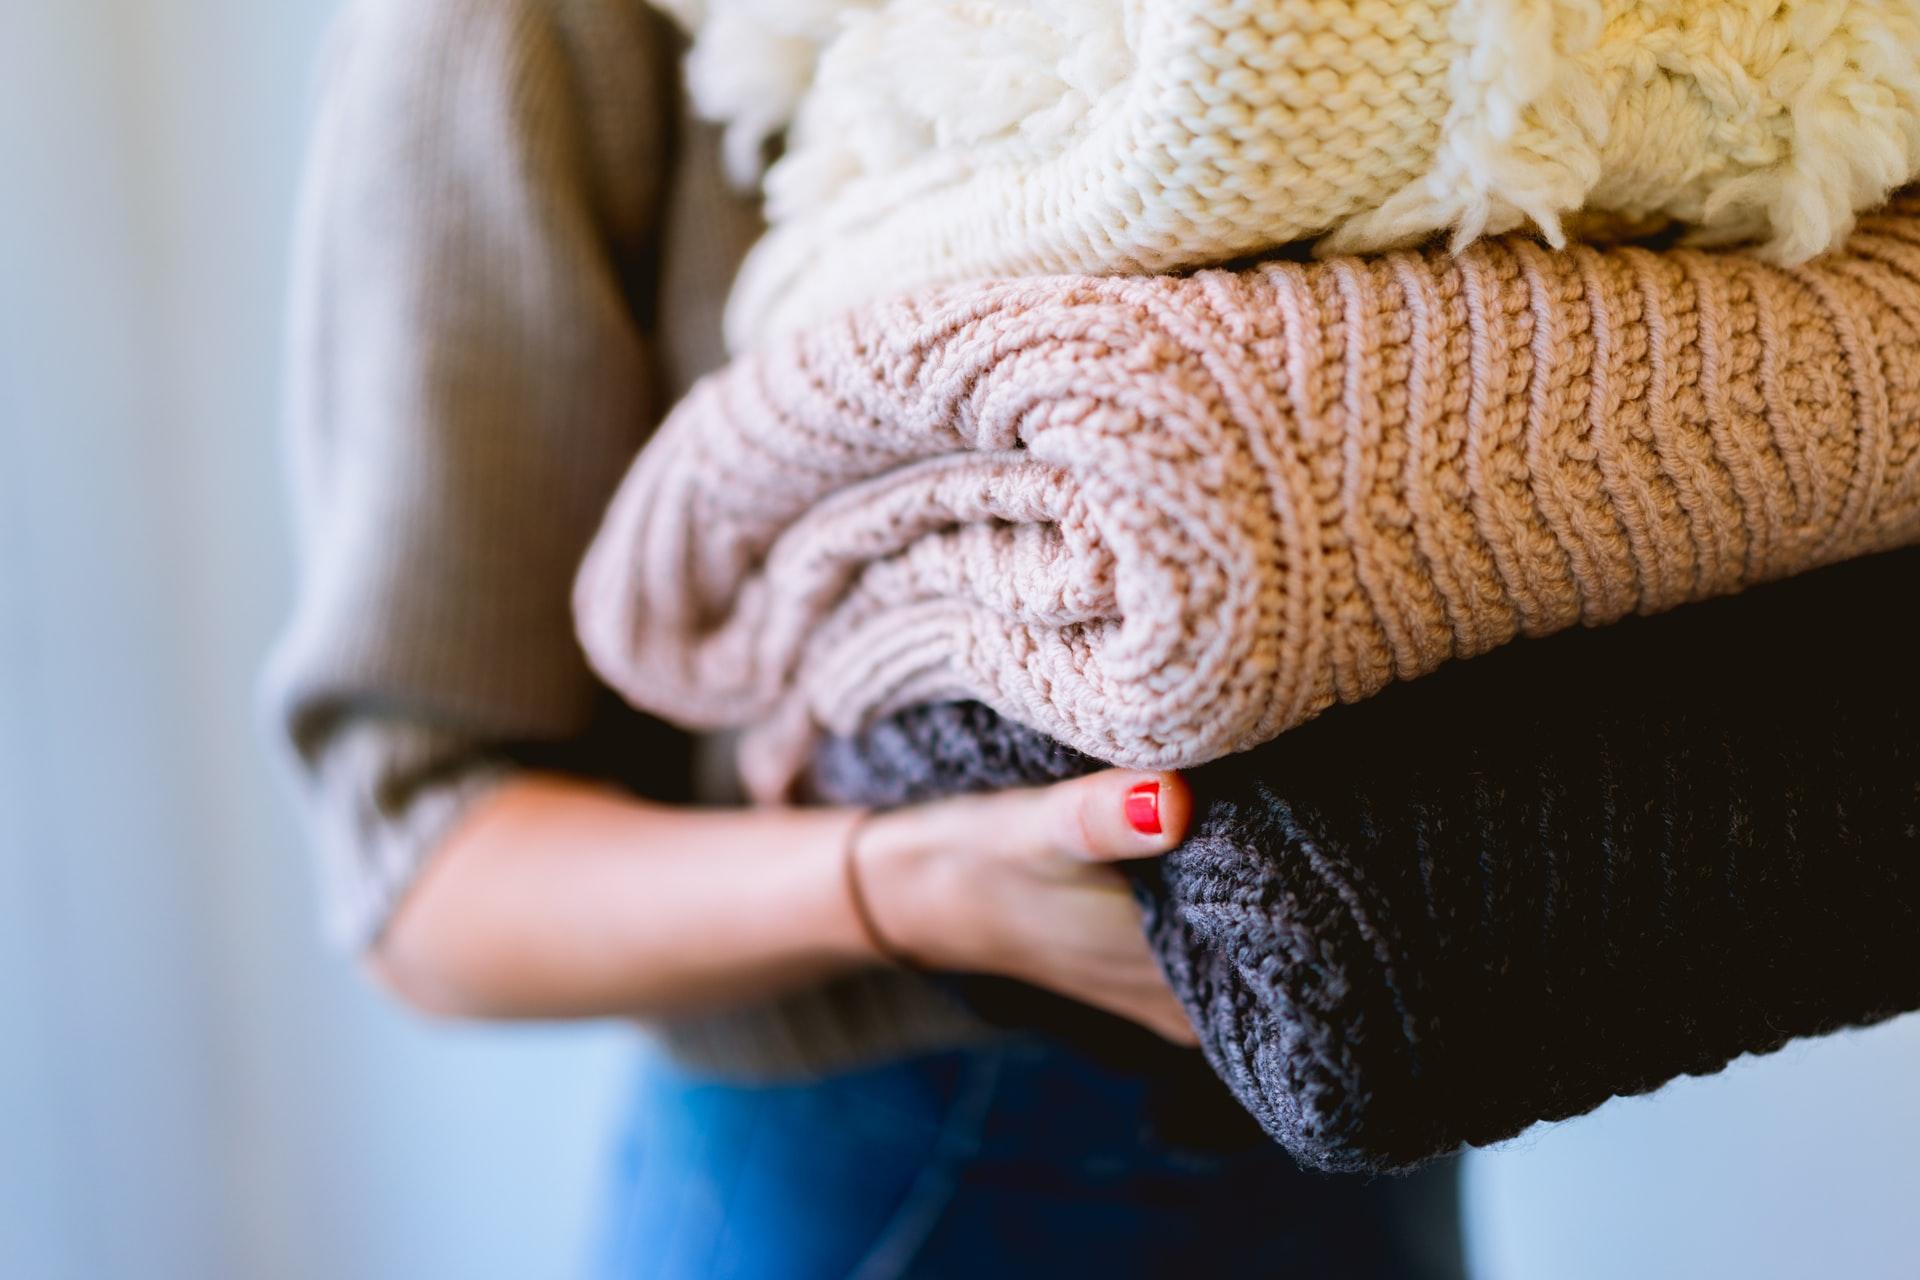 3冬物の衣類は、通気性が悪く、汗がこもってしまいがちだから。